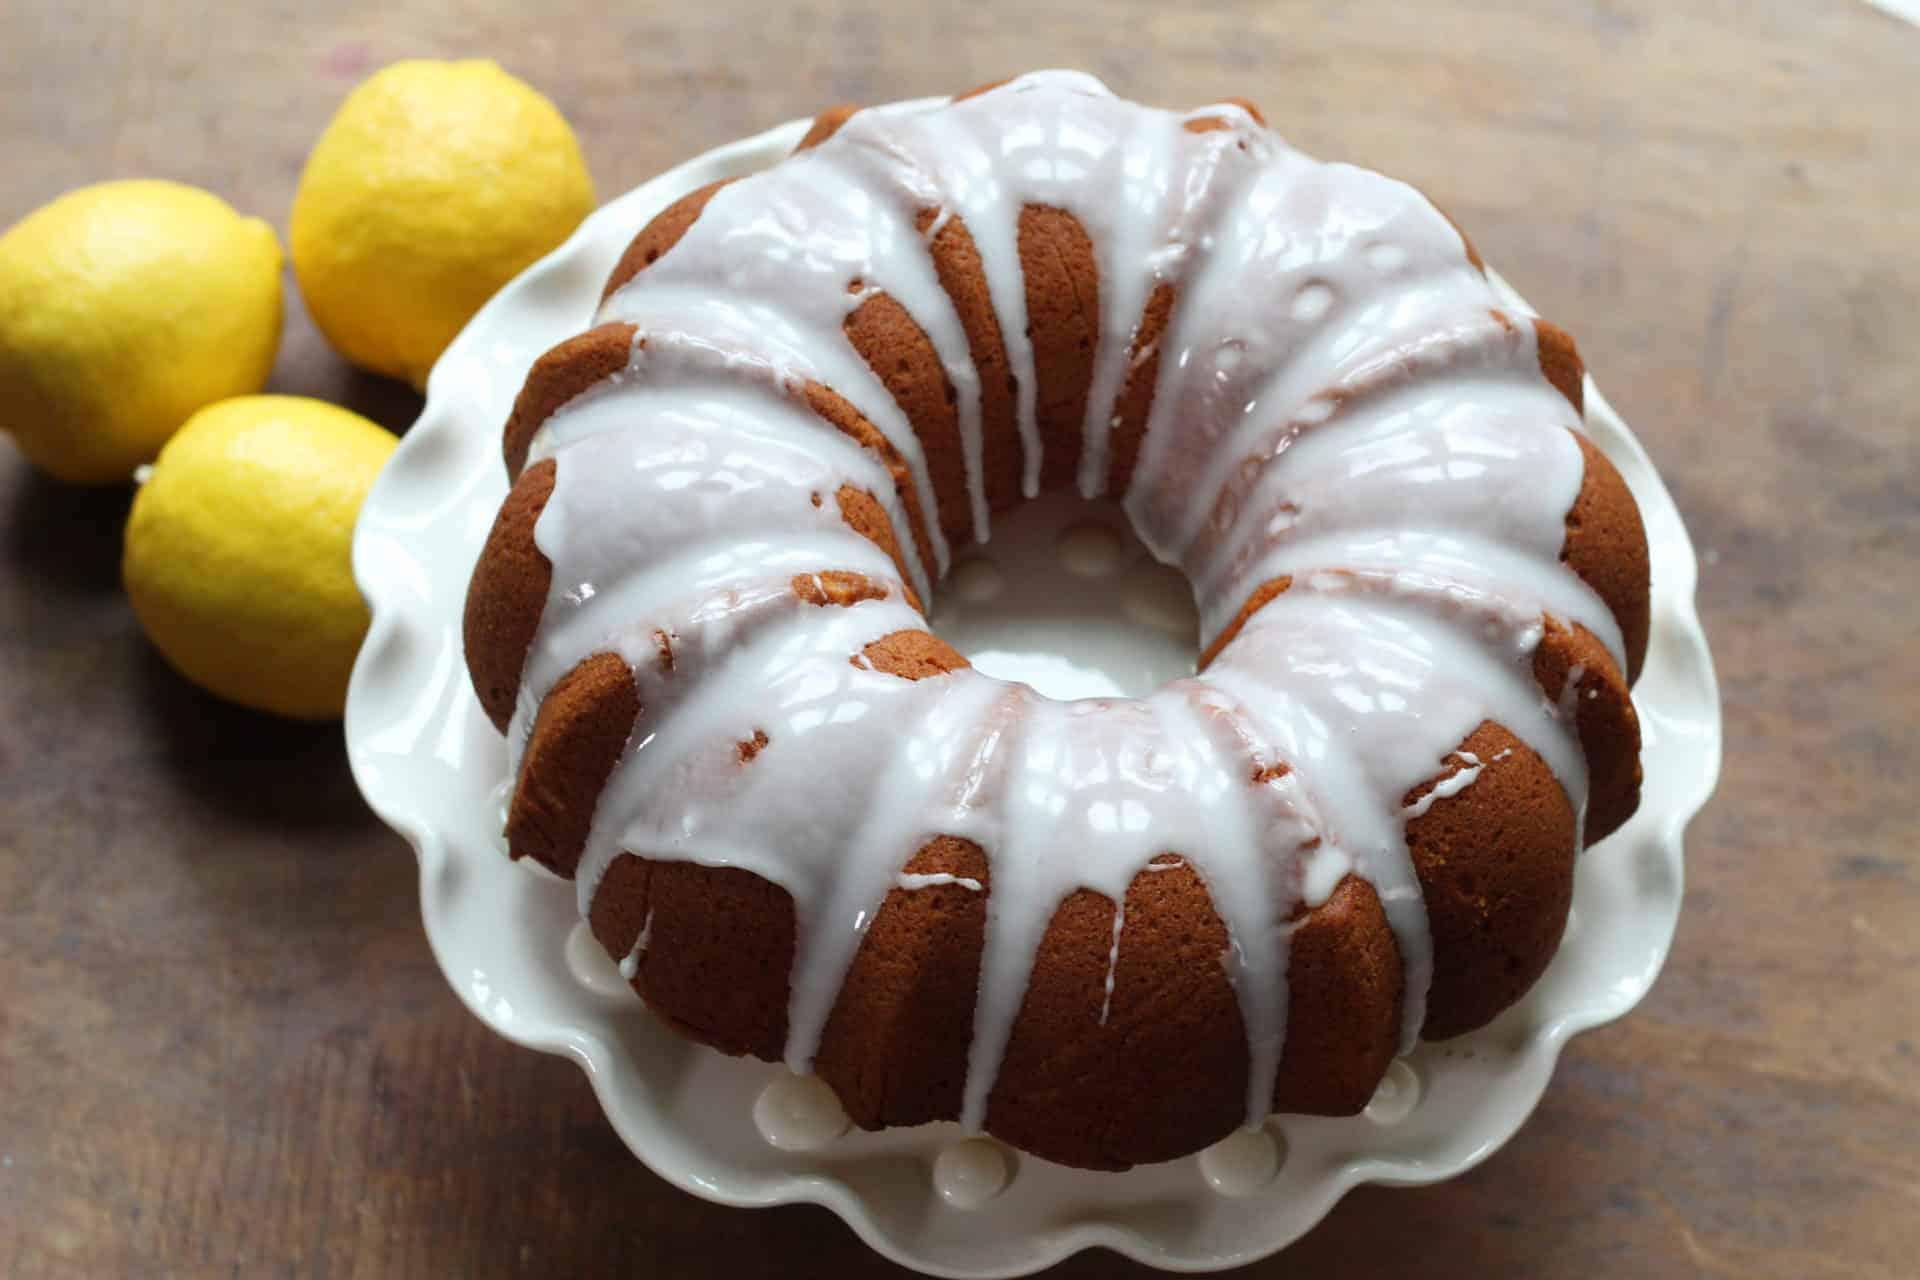 Dessert, Cake, Olive oil, Mediterranean, Mediterranean diet, Spring, Lemon